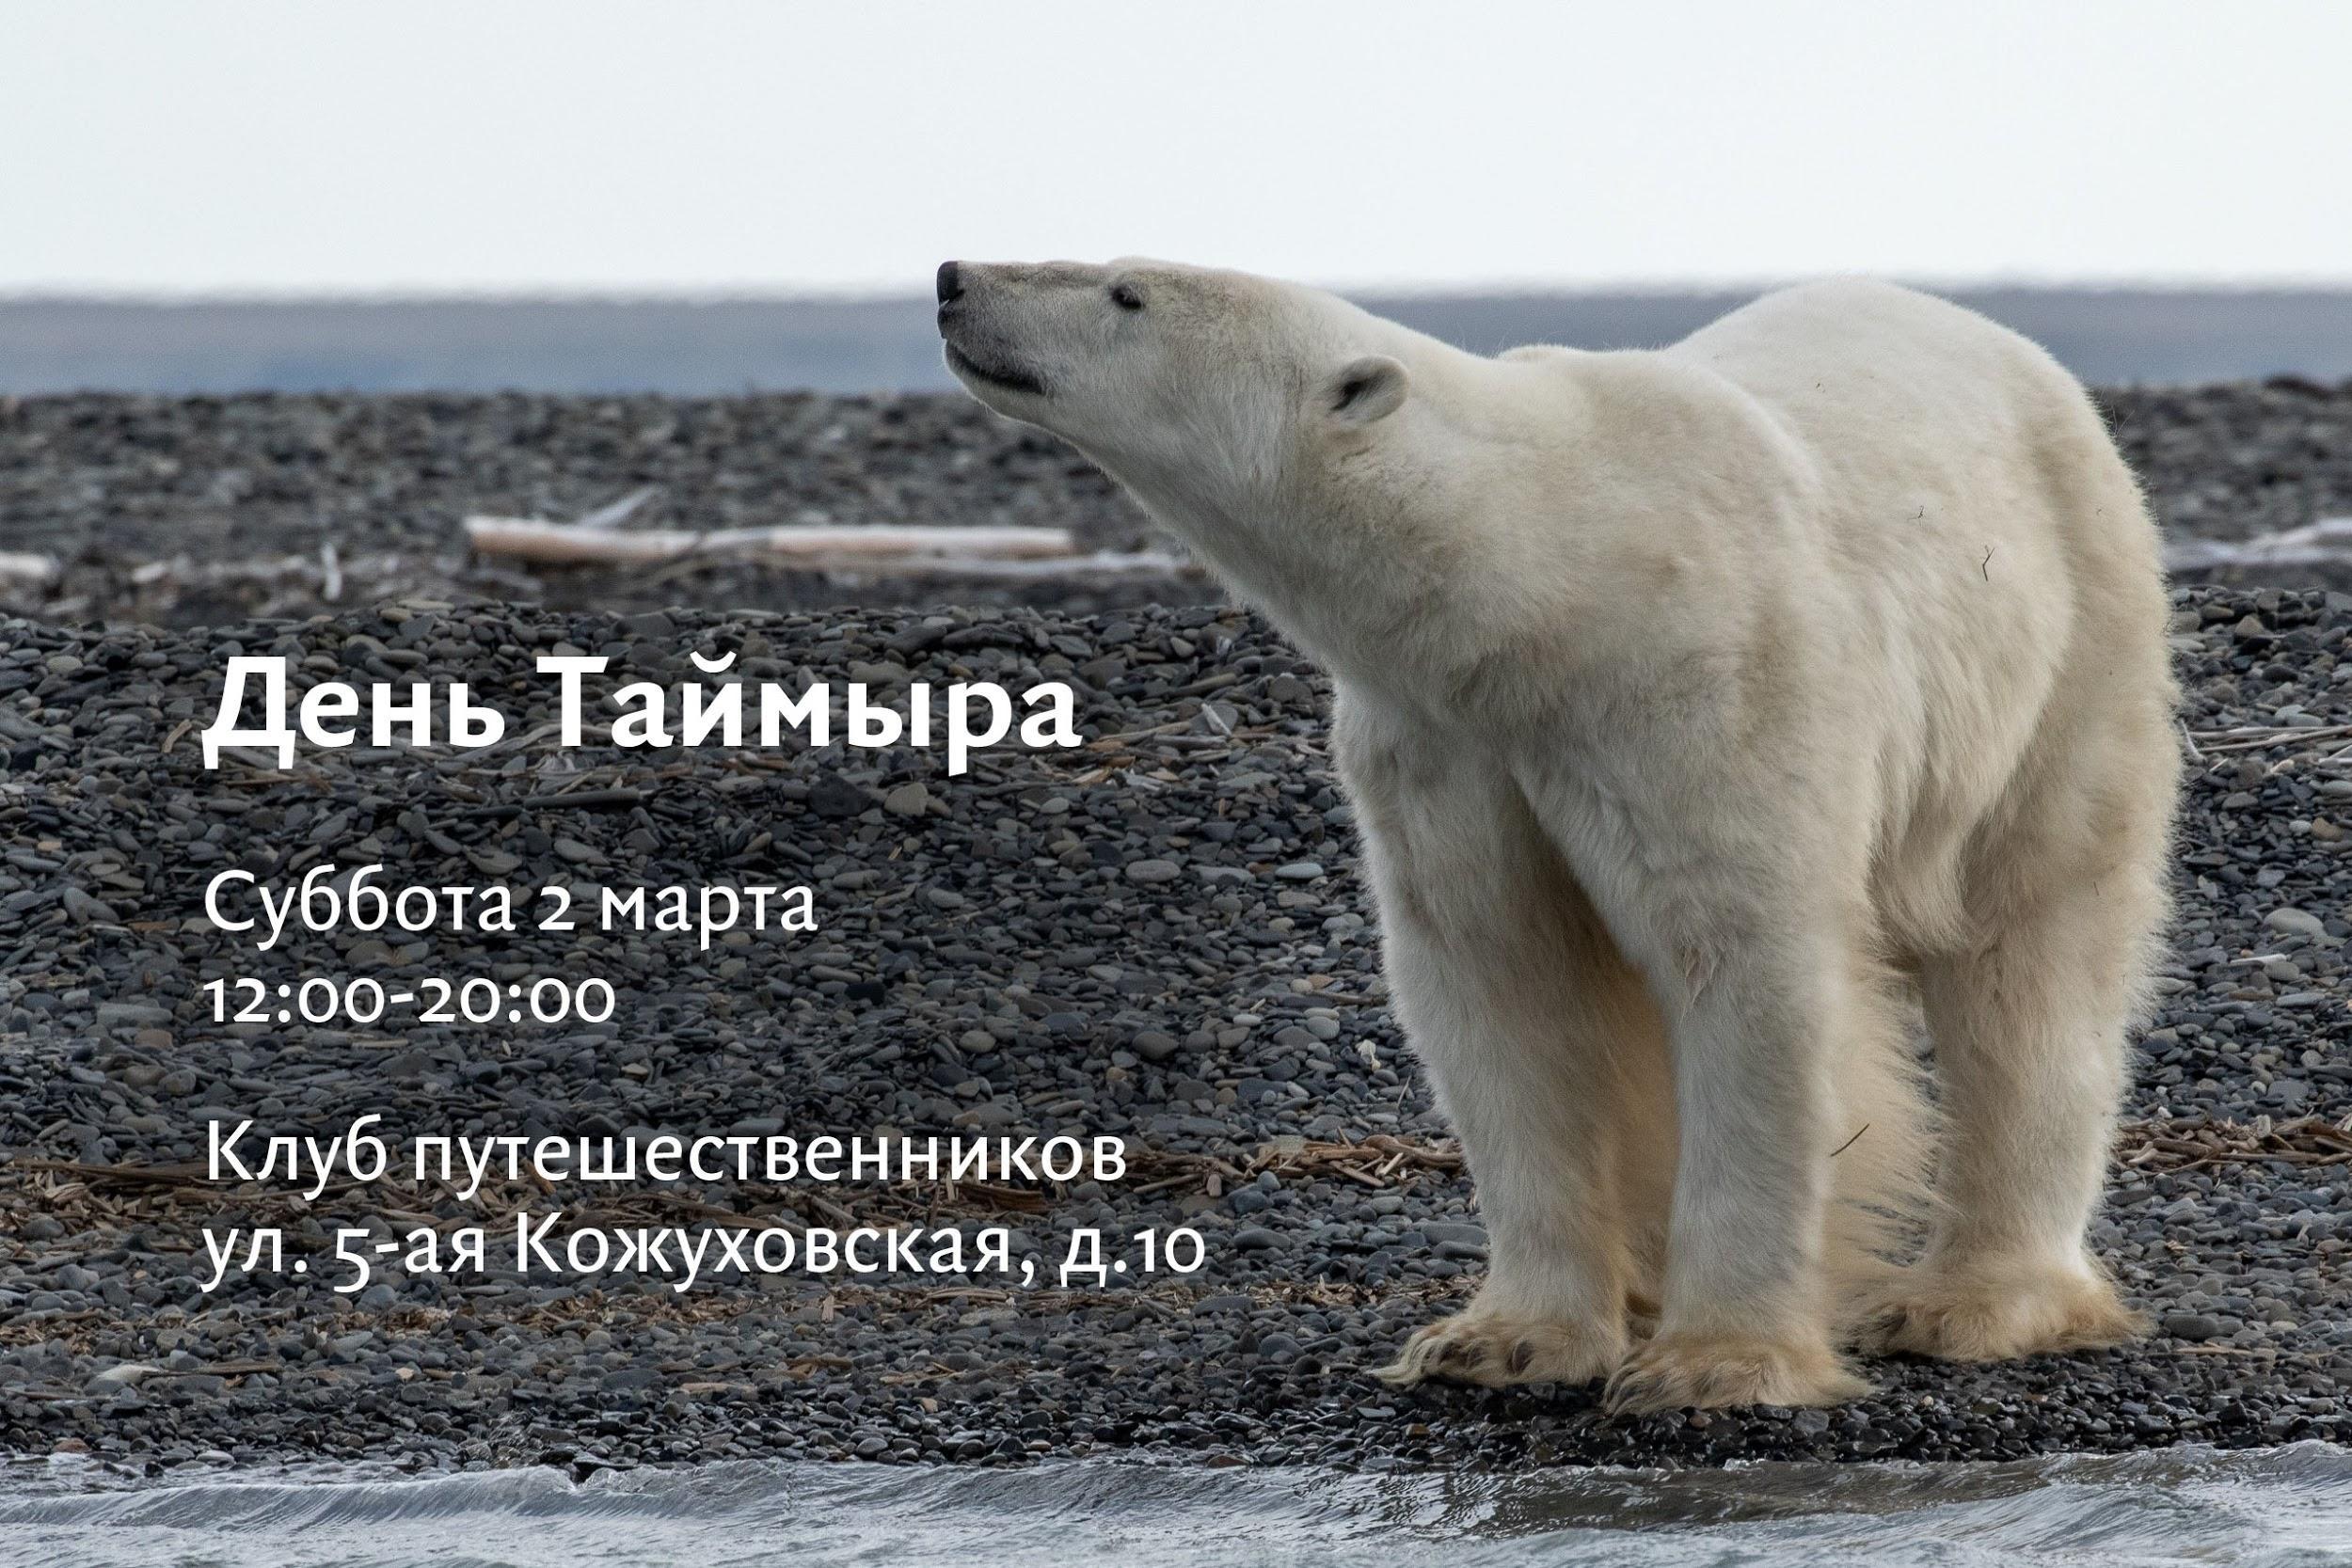 День Таймыра пройдет 2 марта в Москве в Клубе путешественников